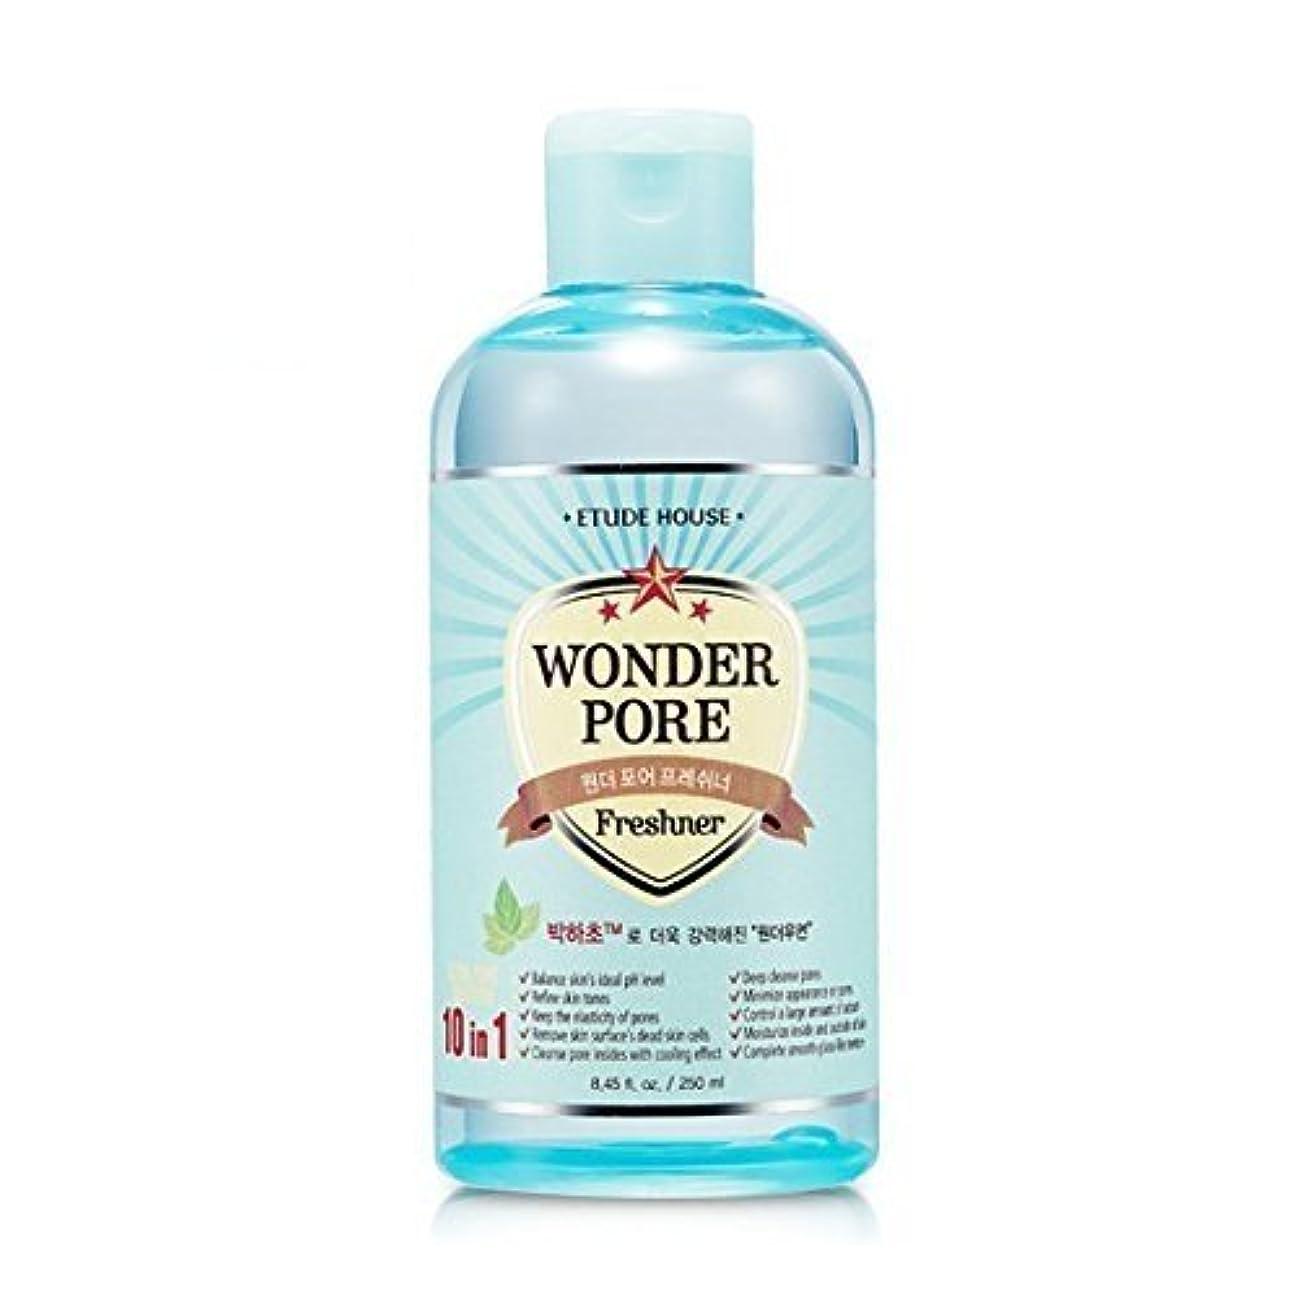 にはまってまあオフエチュードハウス ワンダー?ポア?フレッシュナー 化粧水 (500ml) / ETUDE HOUSE Wonder Pore Freshner [並行輸入品]